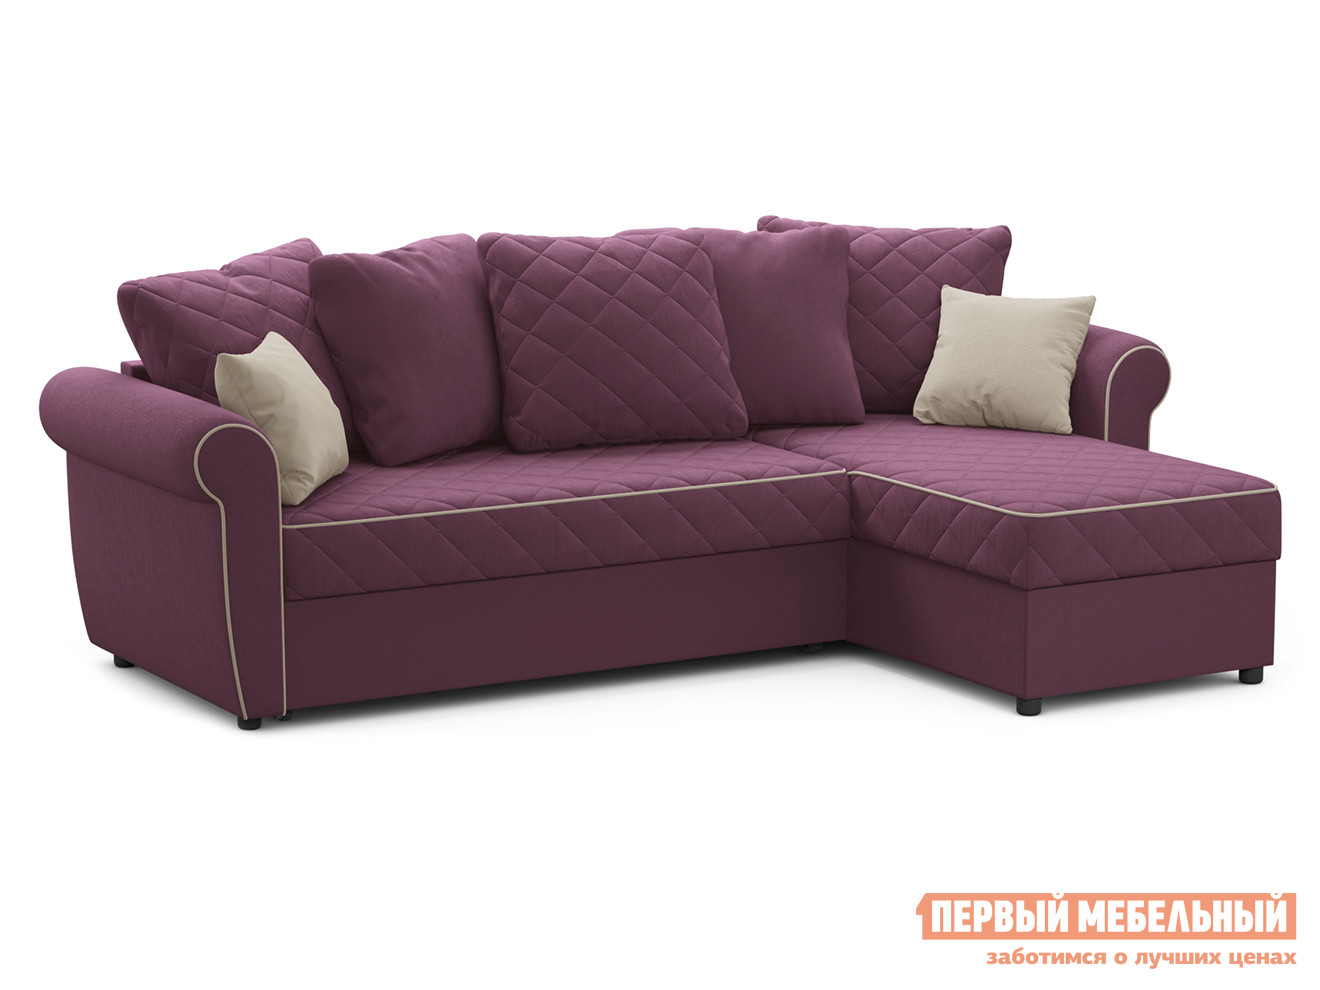 Угловой диван  Догвиль Фиолетовый, велюр, новый Живые диваны 125408